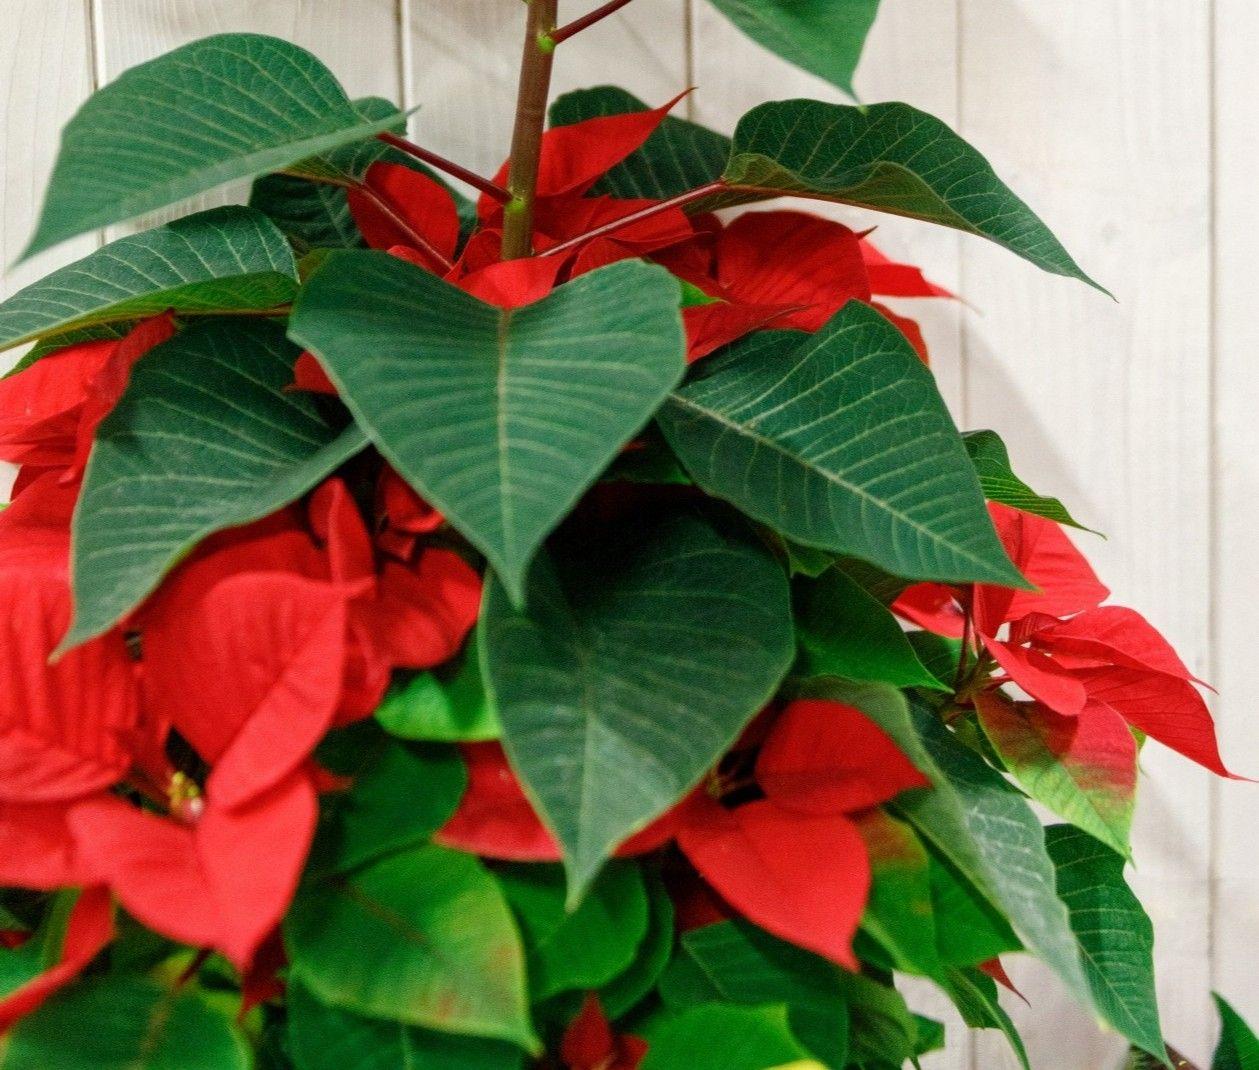 La Poisenttia vuelve a casa en Navidad. La Euphorbia pulcherrima es la planta interior navideña por excelencia y es que su clásico color rojo puede durarte mucho tiempo si la tratas adecuadamente